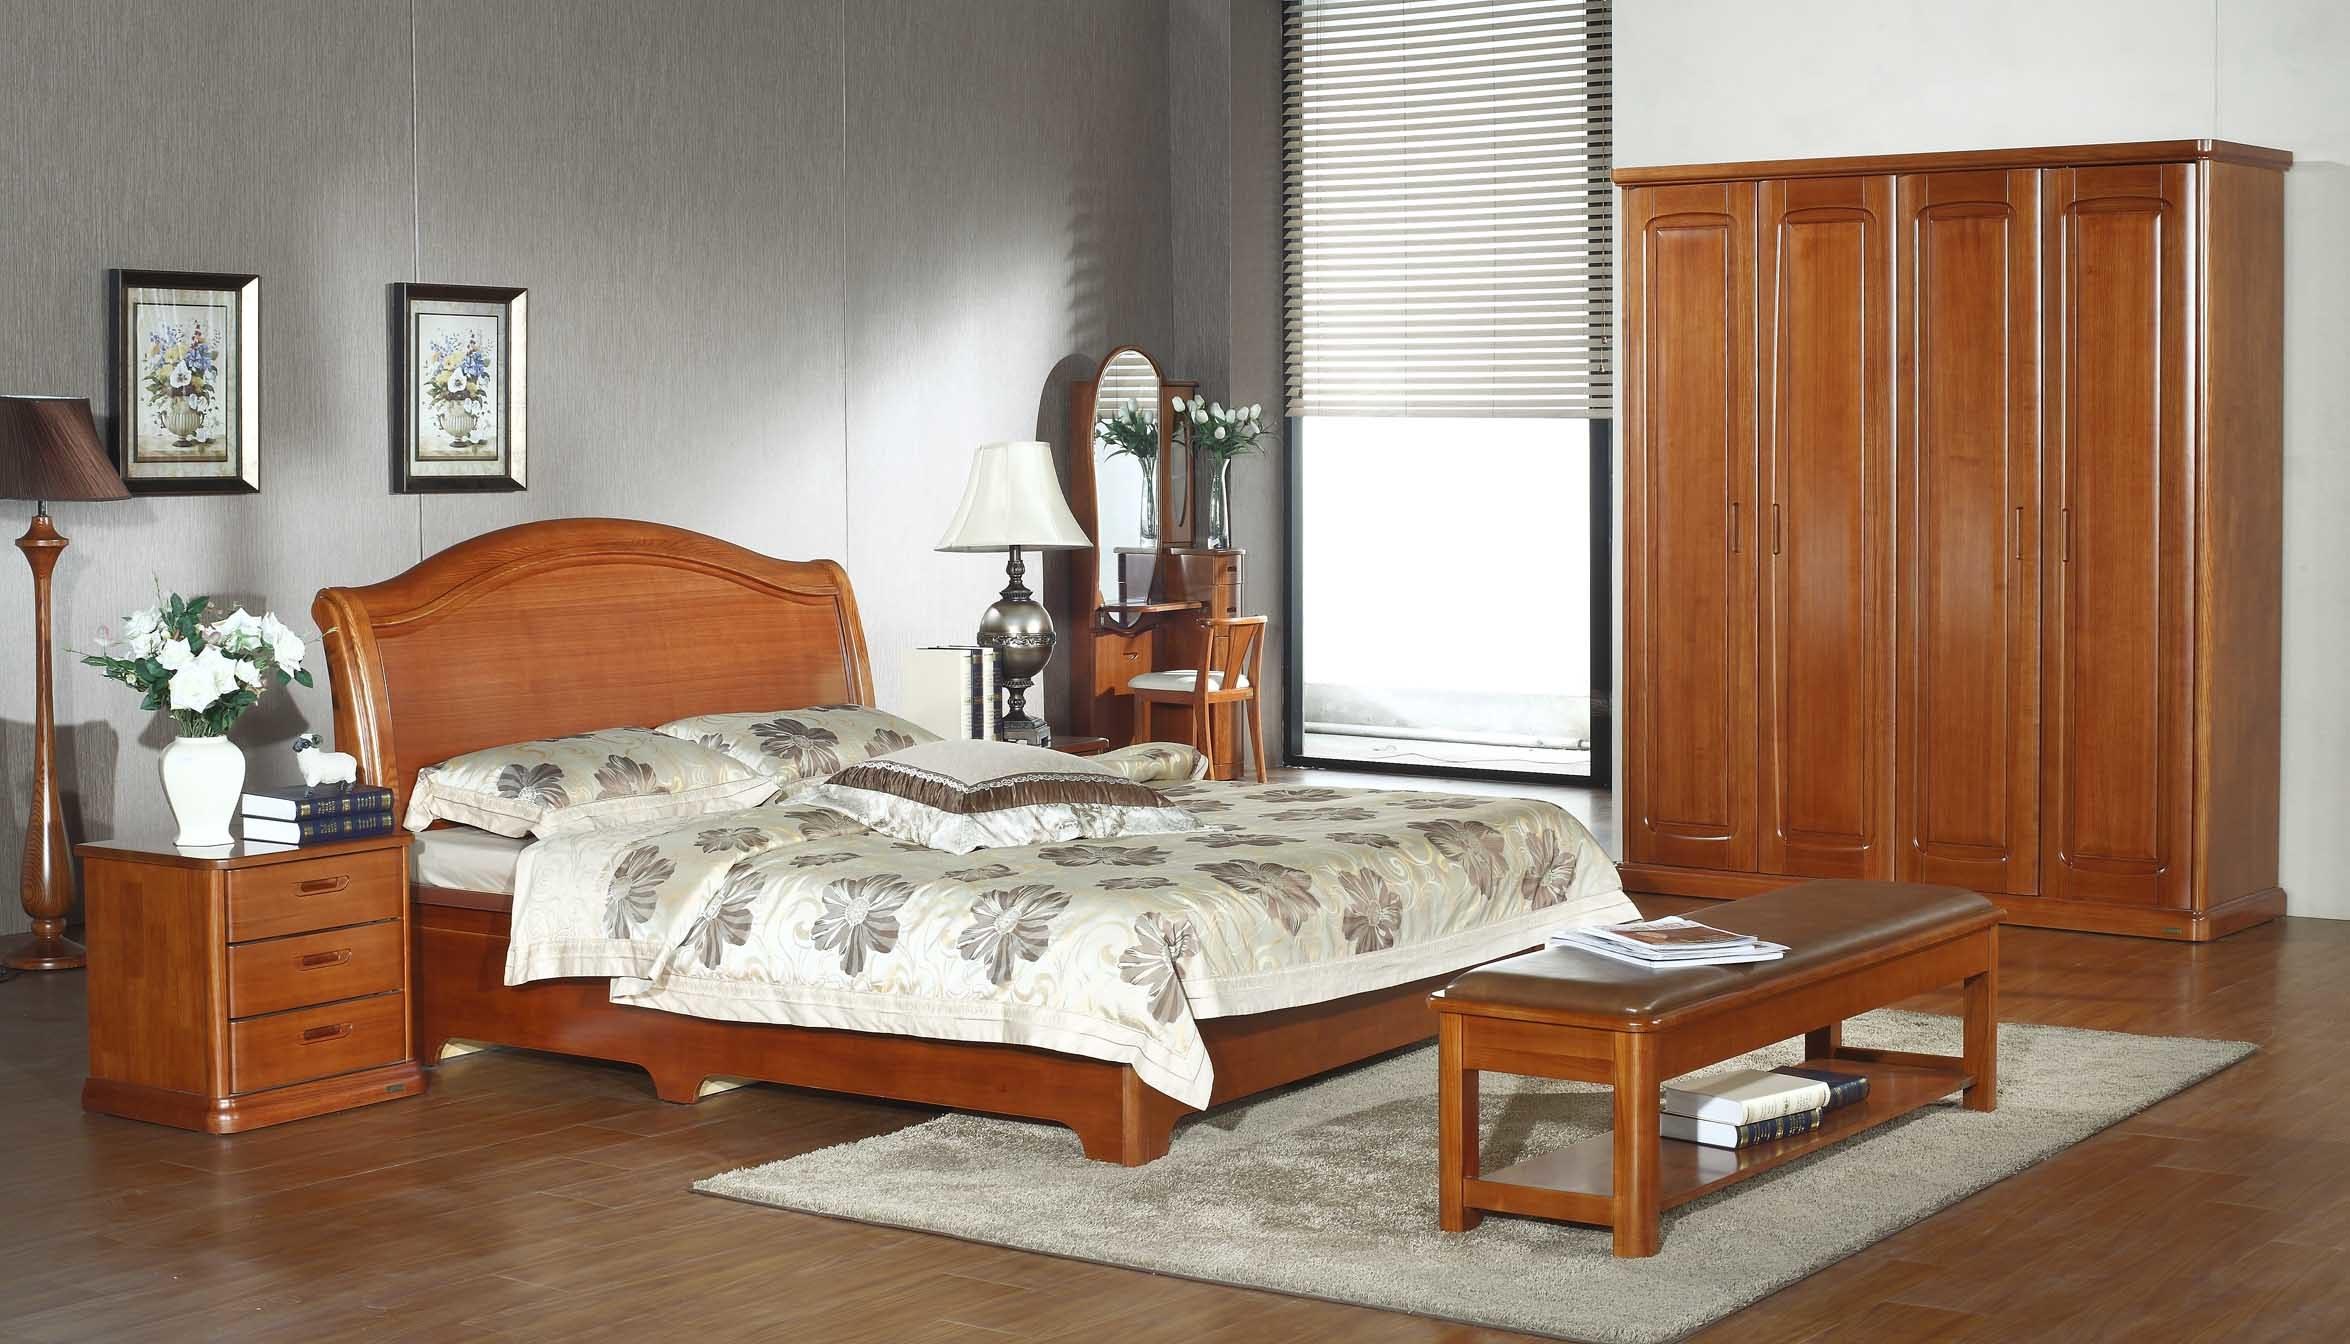 Meubles de chambre coucher r gl s sd02 meubles de for Temperature chambre a coucher